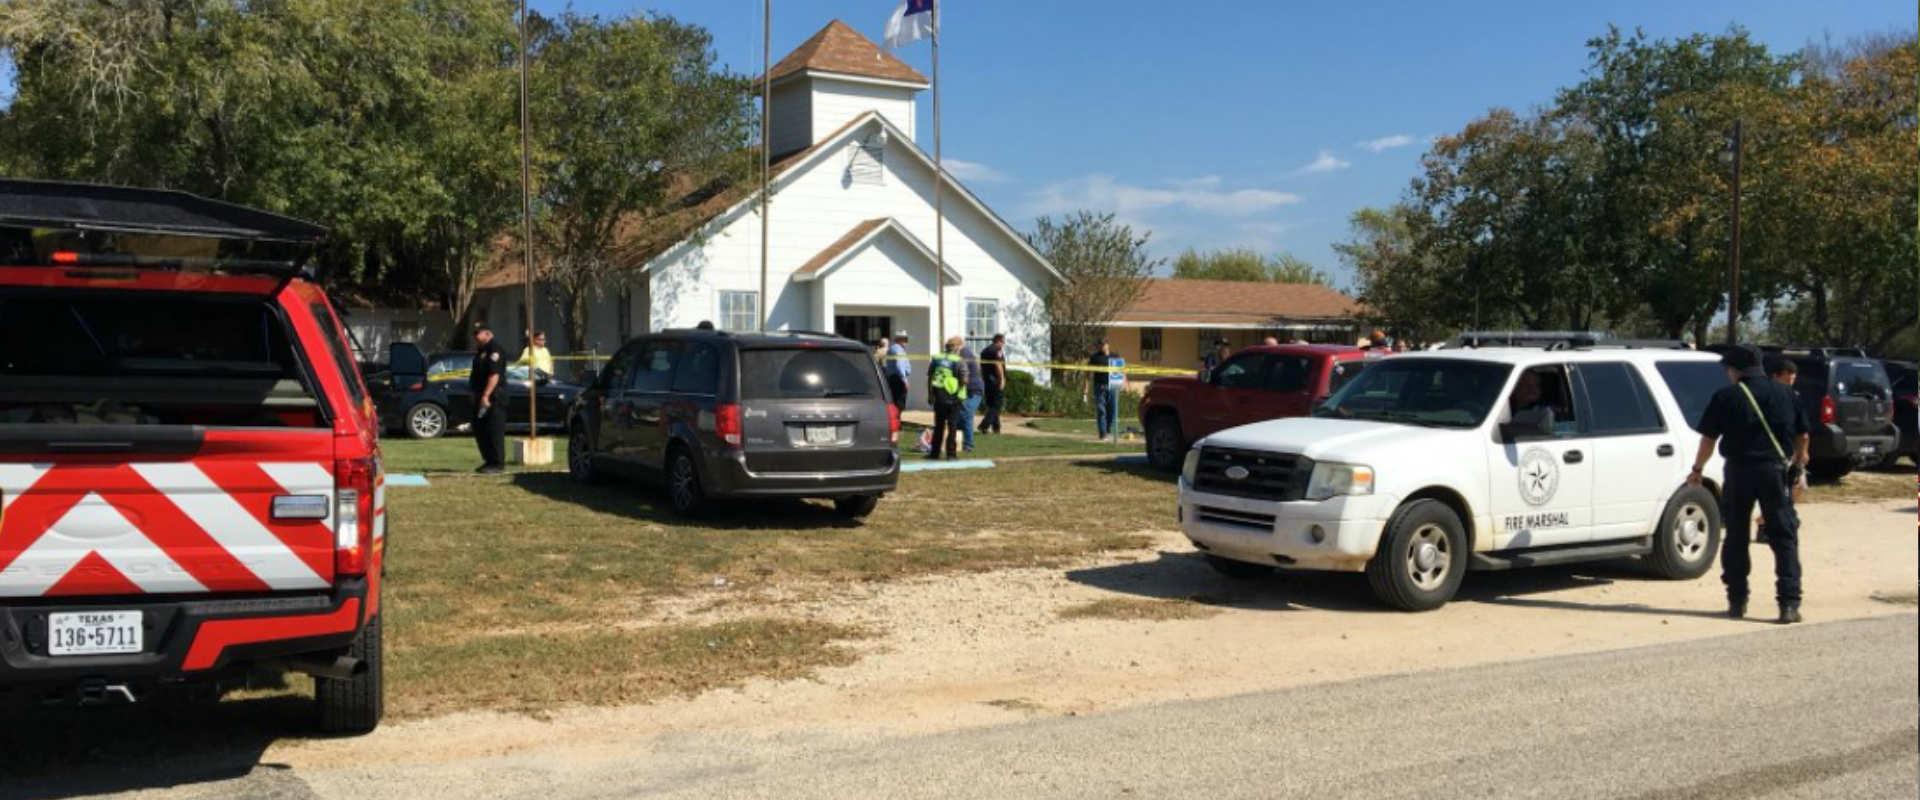 משטרה בטקסס (ארכיון)